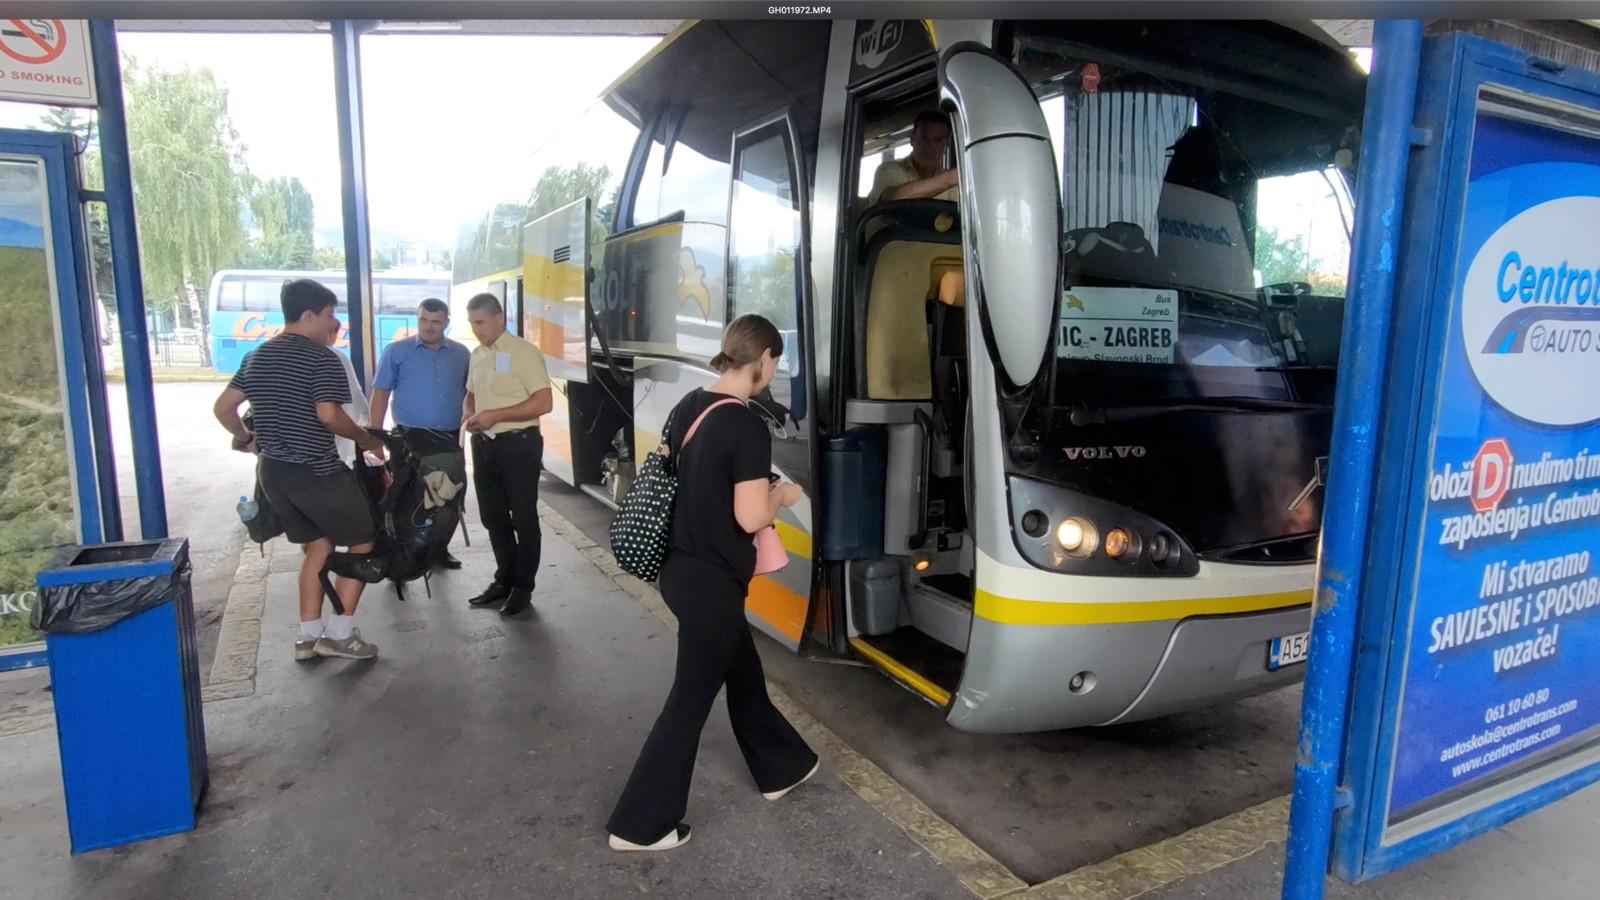 De bus naar Zagreb vanuit Sarajevo